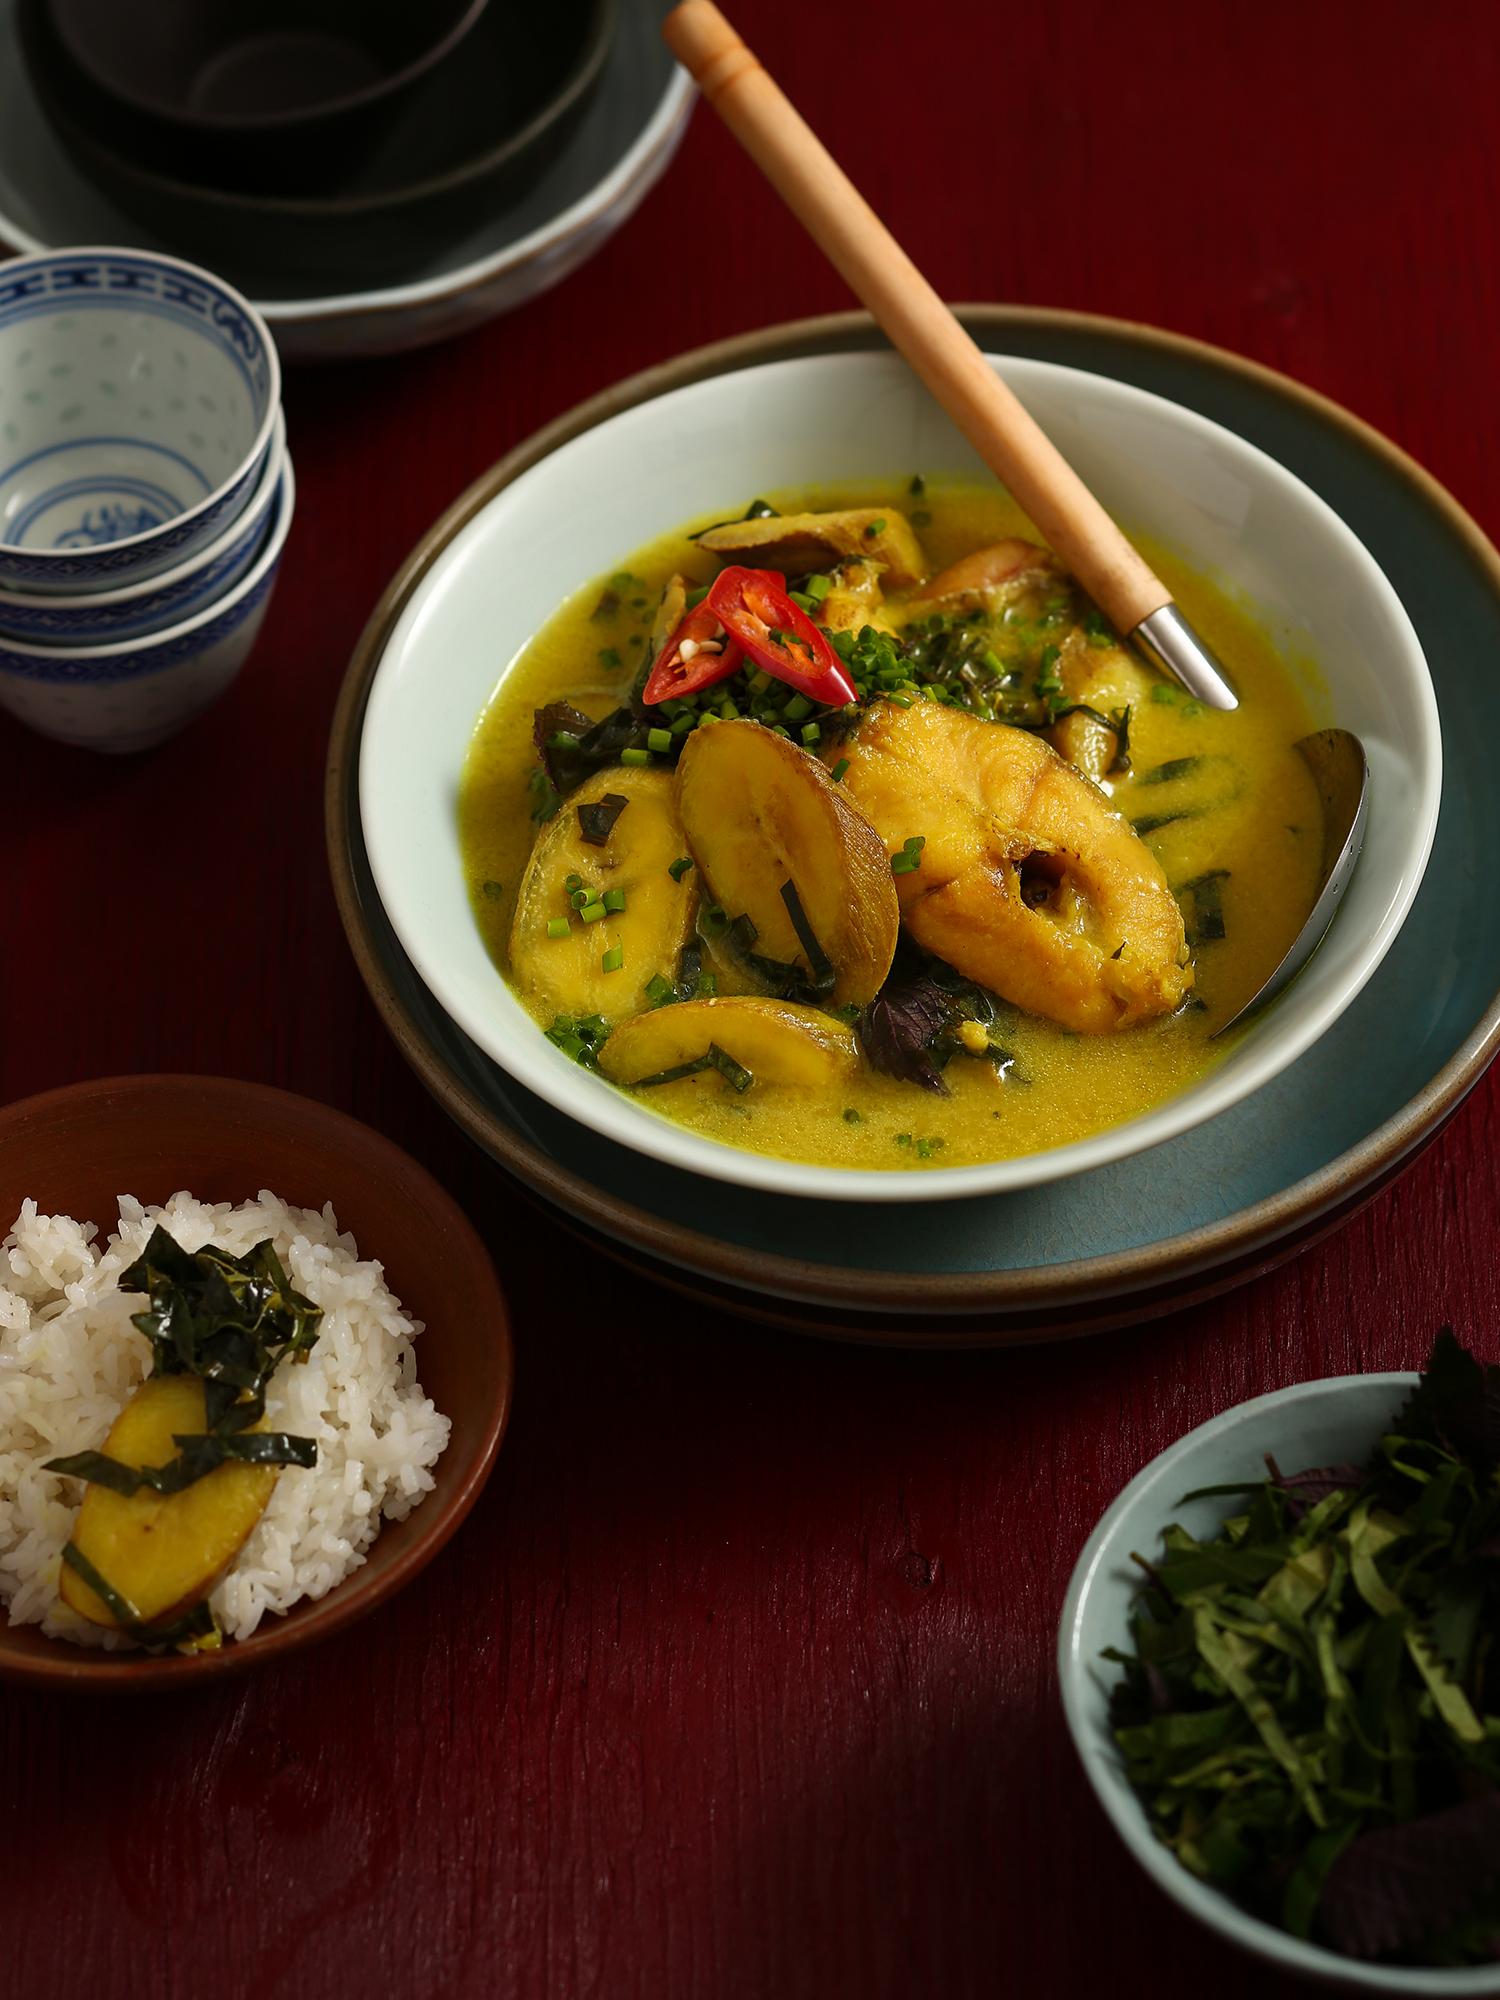 Món Cá om chuối đậu được chúng tôi thực hiện cho tạp chí Heritage tháng 10. - Food Stylist : meothuyduong